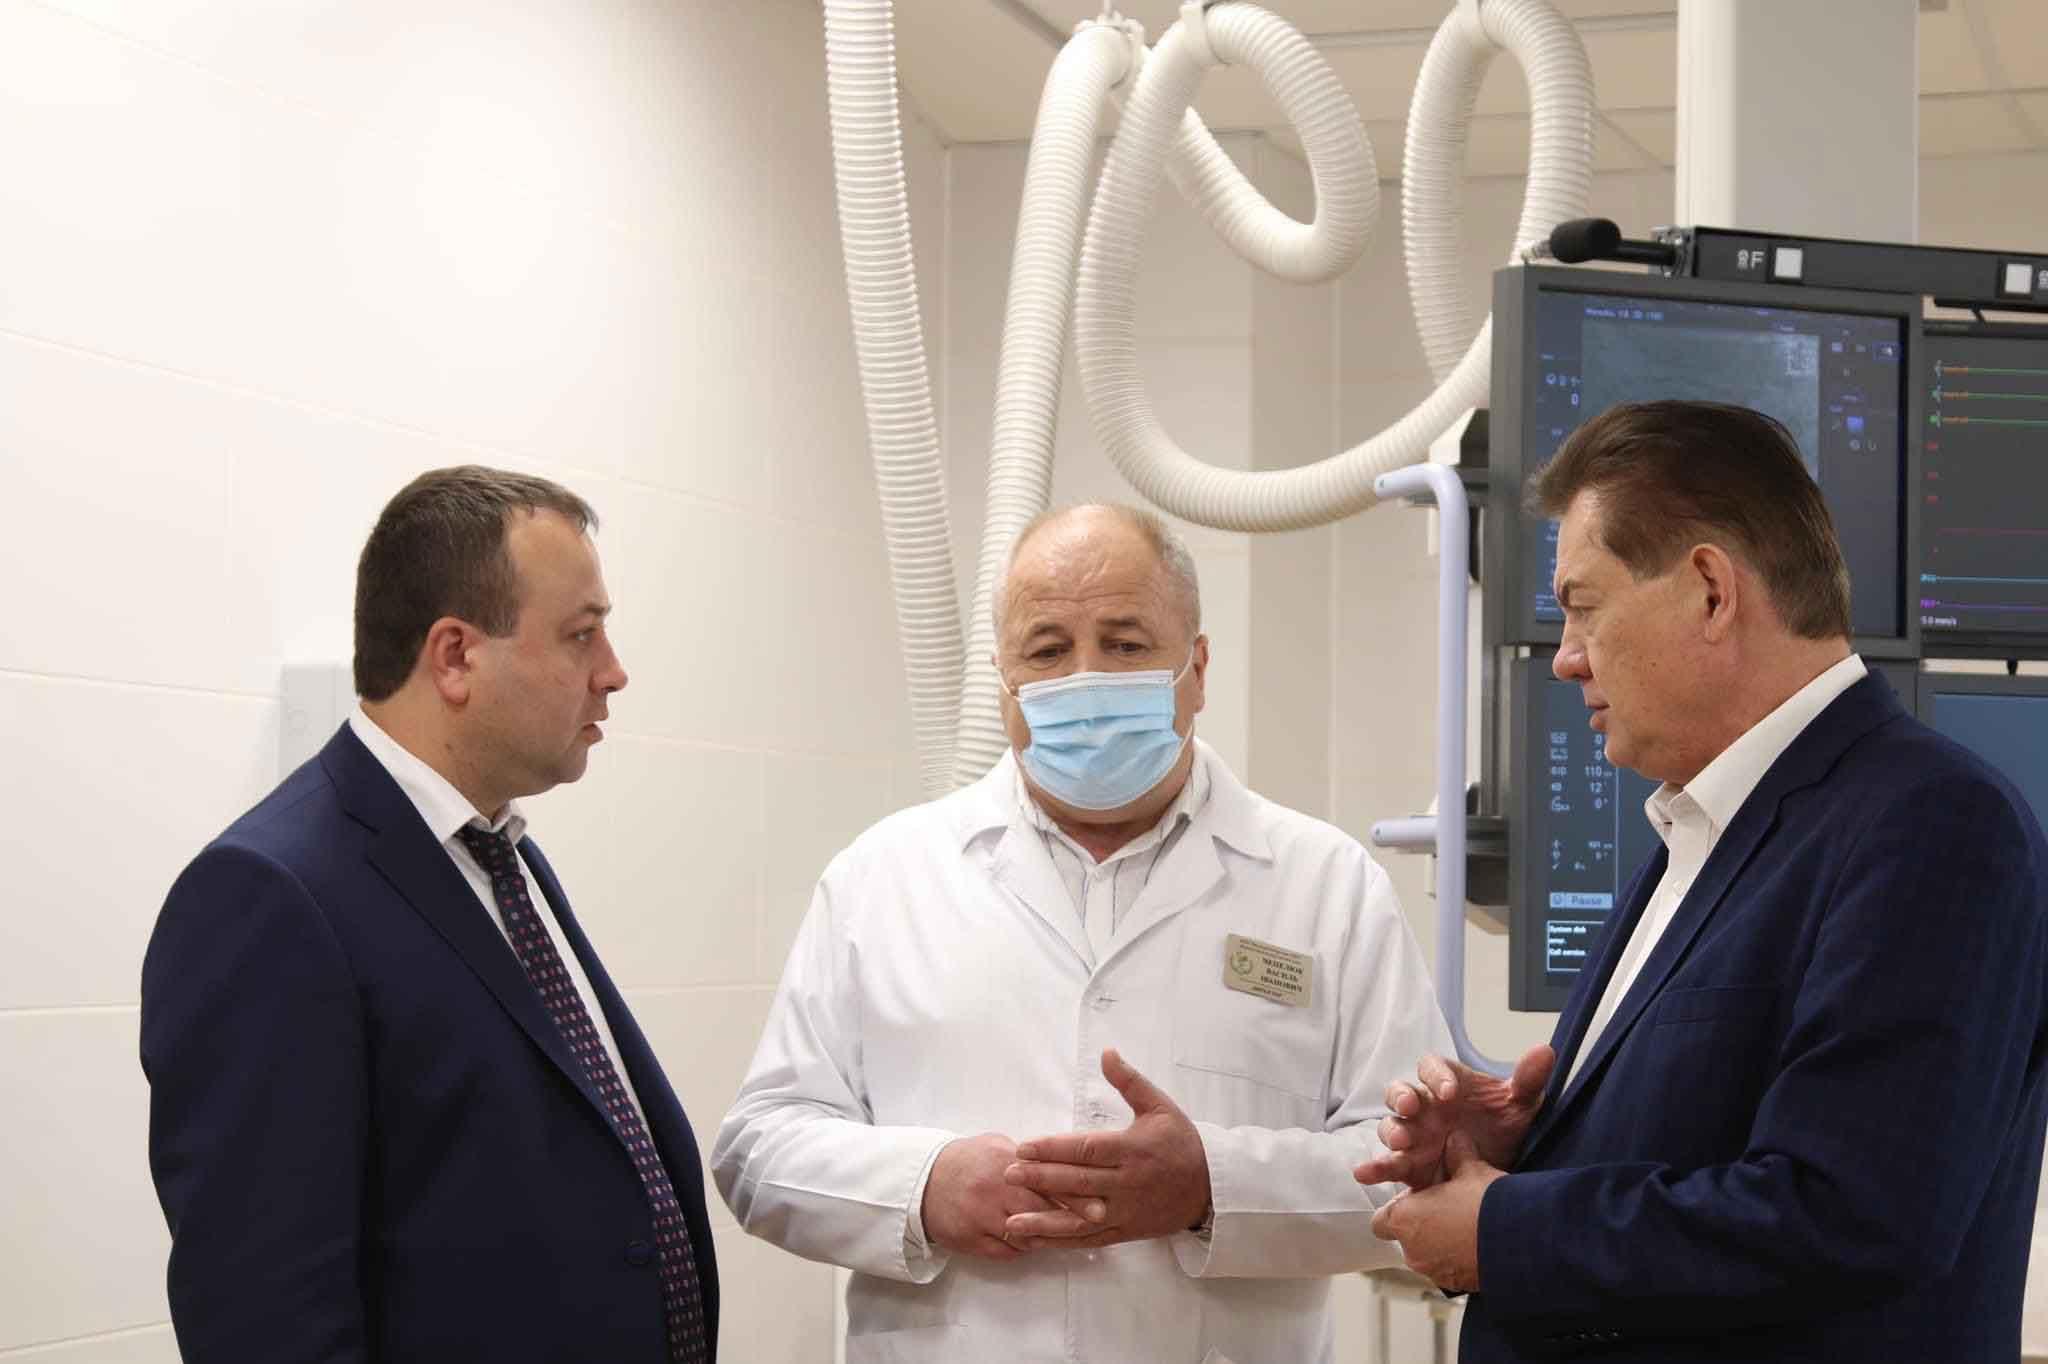 Сергій Борзов: ангіограф у Могилів-Подільському кардіоцентрі нарешті використовують! А значить, врятують не одне серце